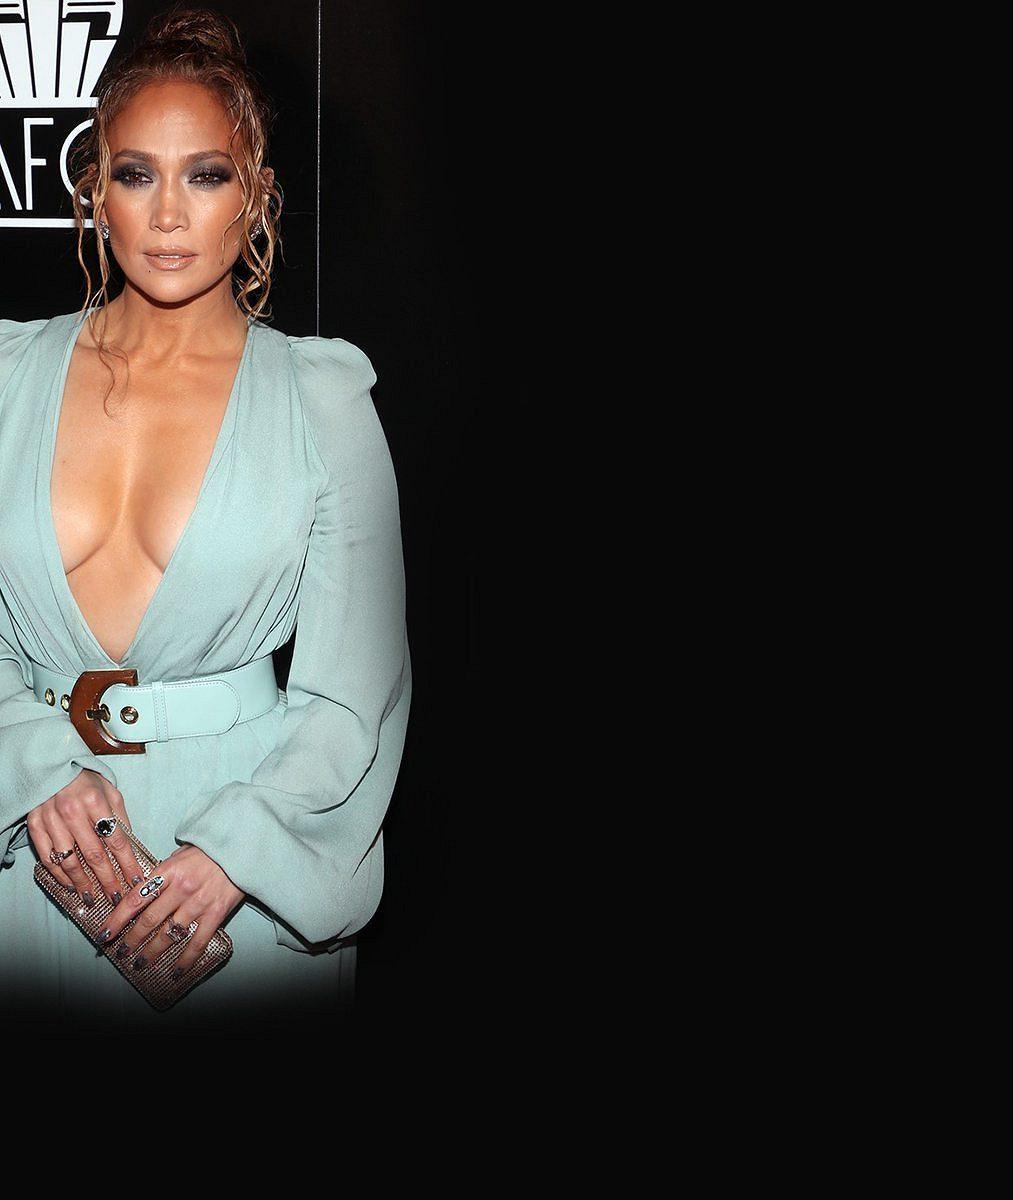 Popírá všechny přírodní zákony: Odpočatá Jennifer Lopez (50) předvedla tělo vbikinách. To nepochopíte!